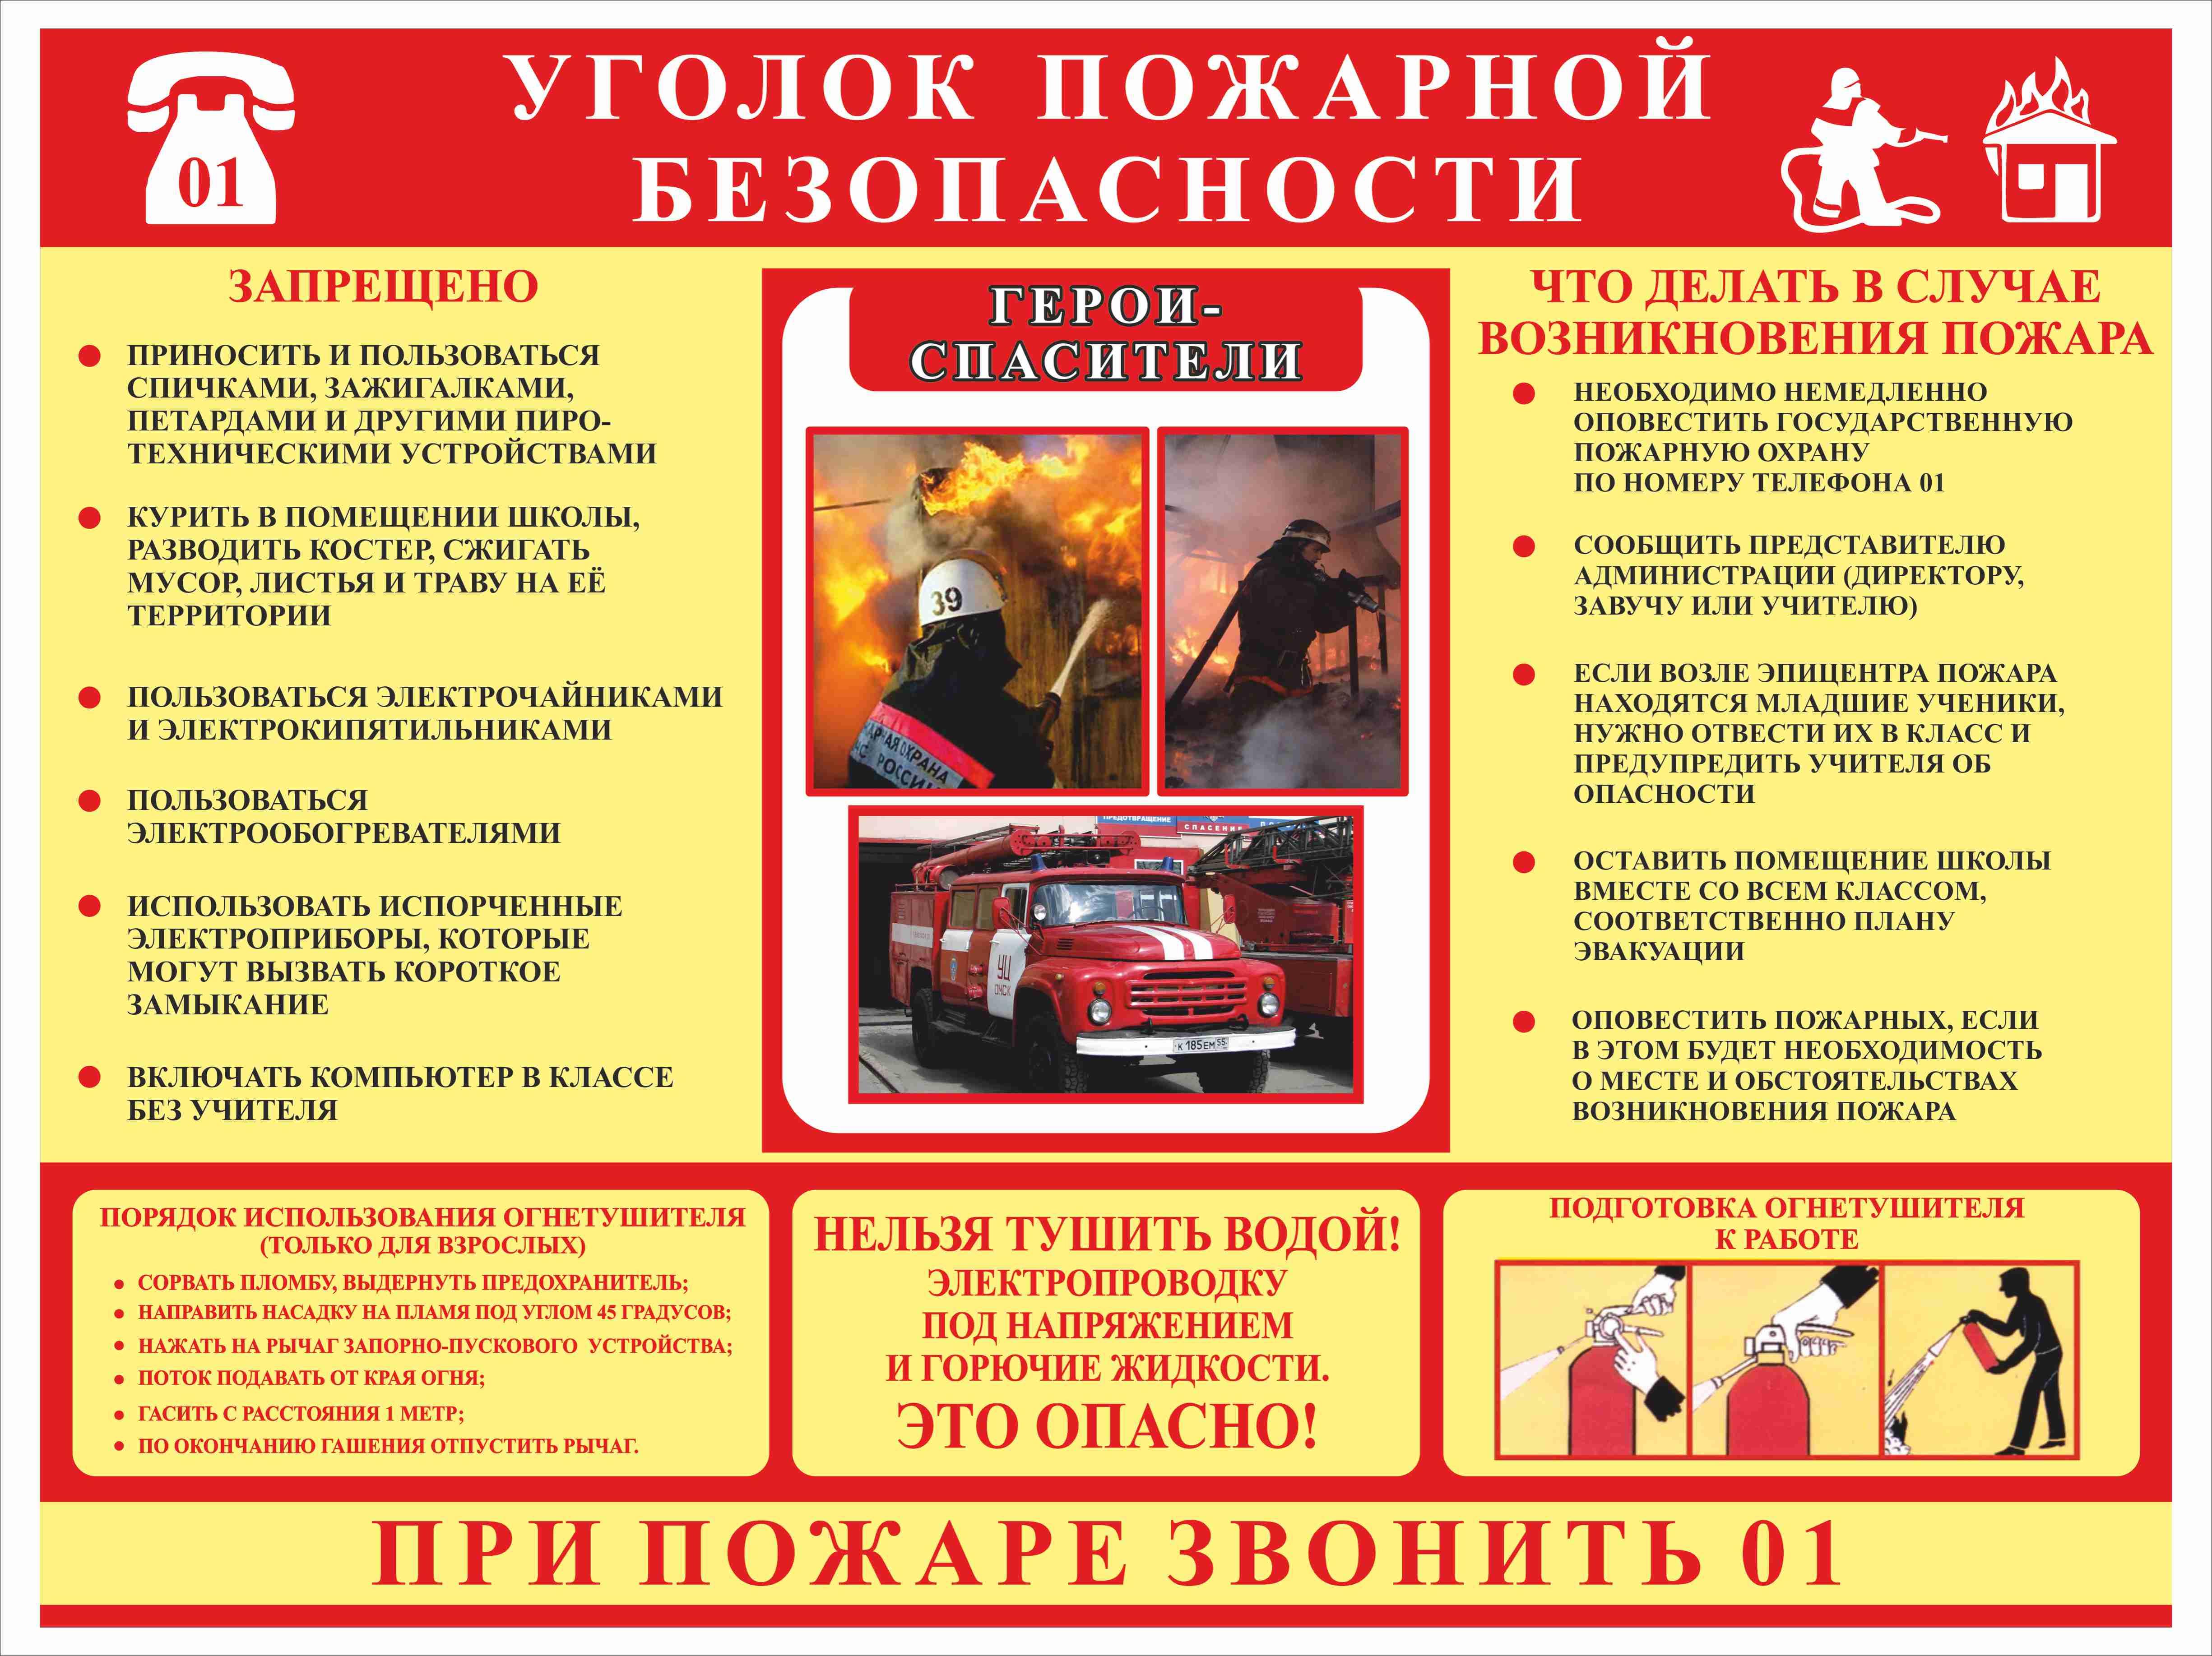 картинки для уголка в школе по пожарной безопасности